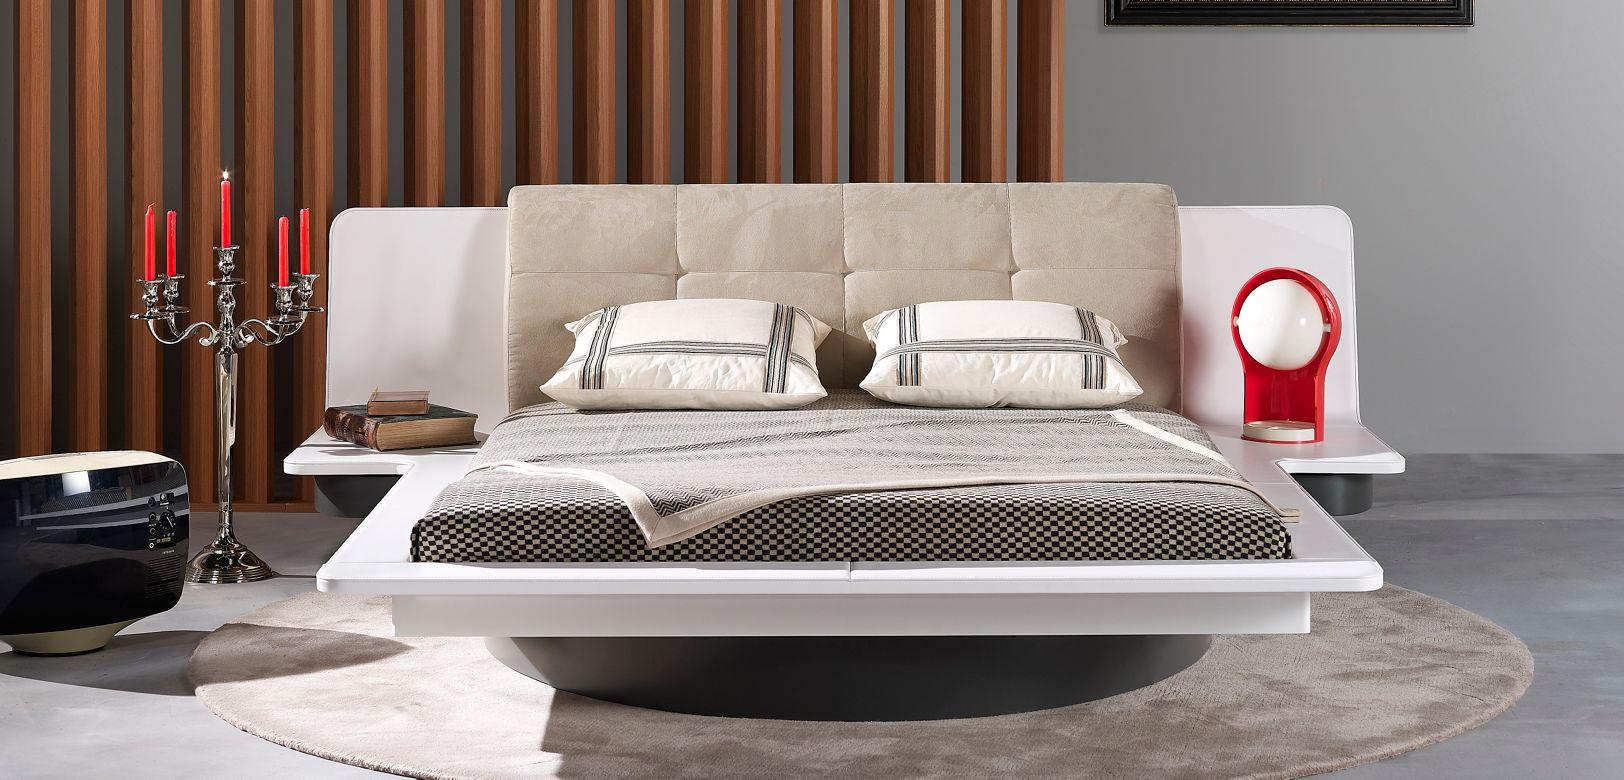 bagatelle bed with bedside tables roche bobois. Black Bedroom Furniture Sets. Home Design Ideas